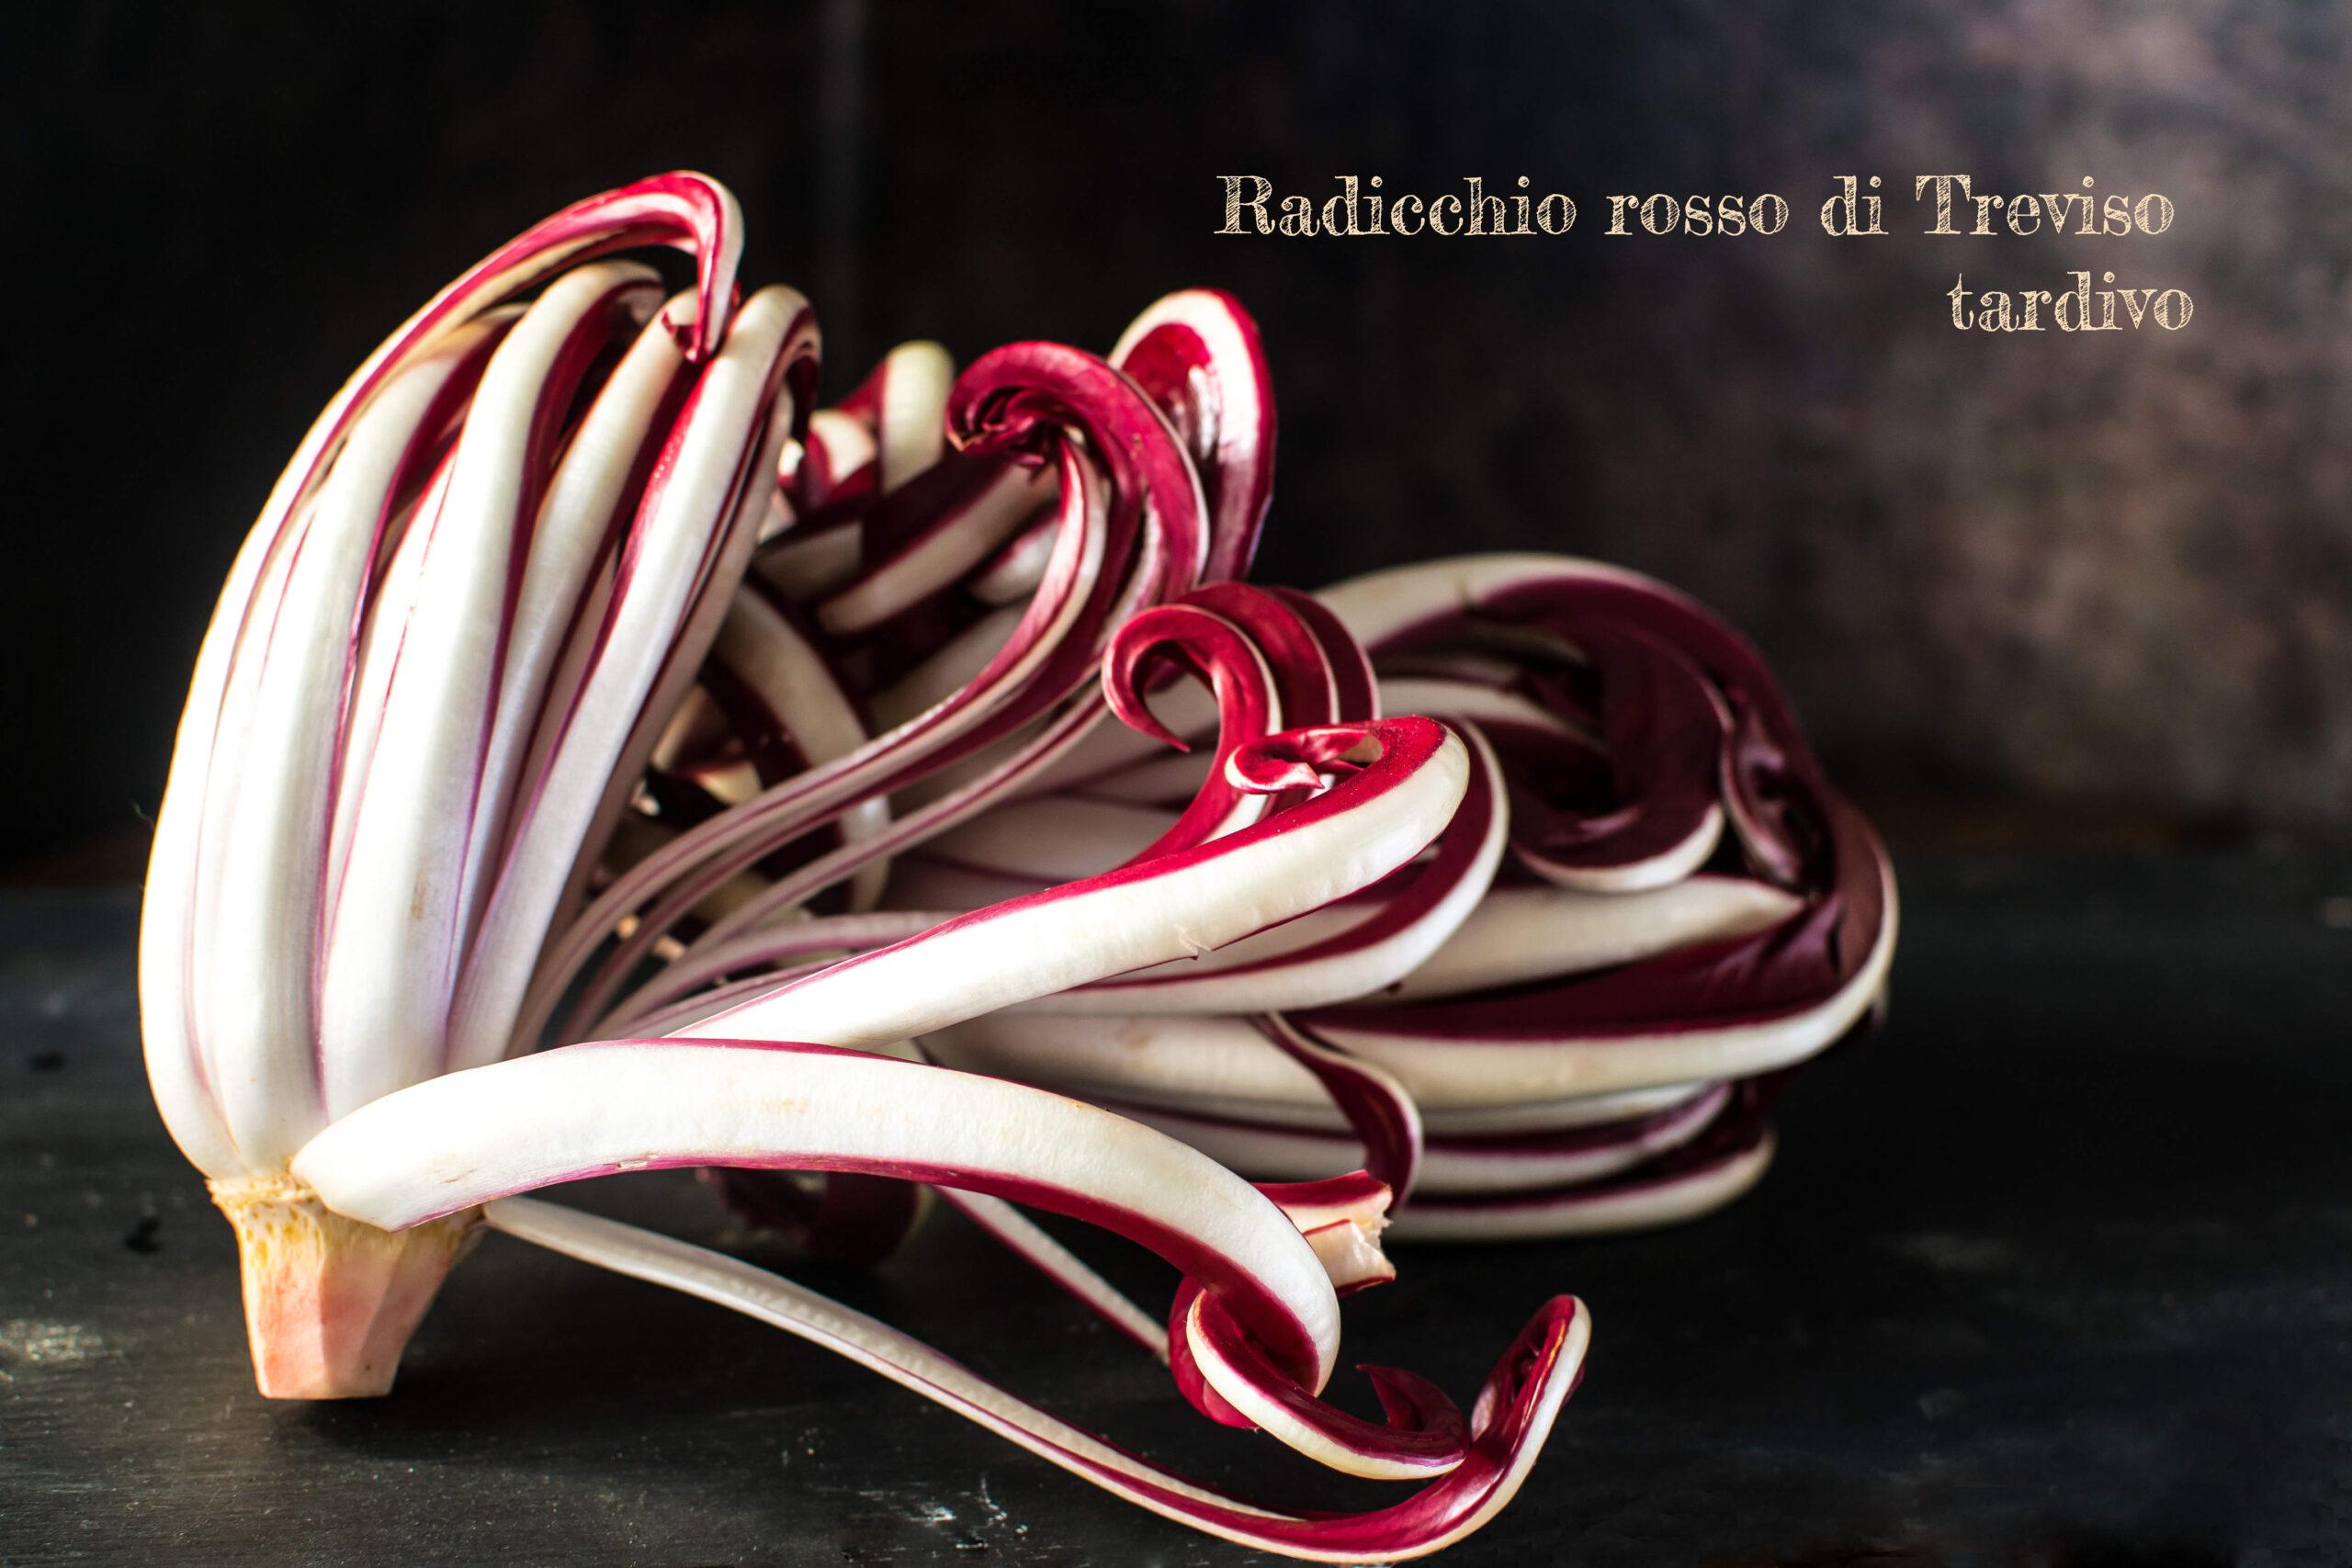 Radicchio Rosso Tardivo